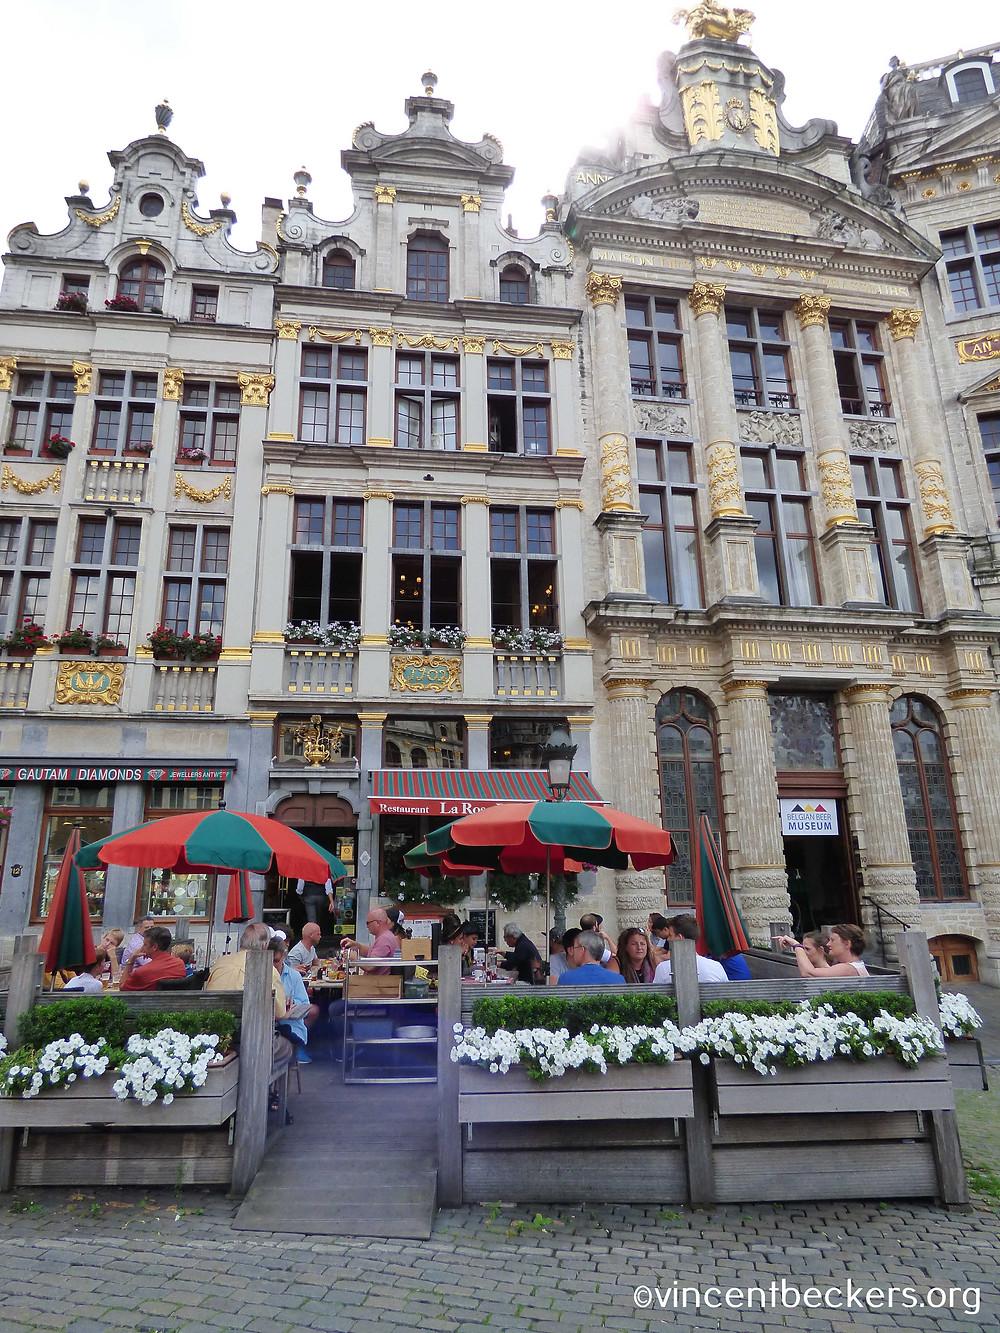 façade de la maison de la Rose, Grand-Place, Bruxelles, style baroque, Vincent Beckers, visite guidée Grand-Place Bruxelles